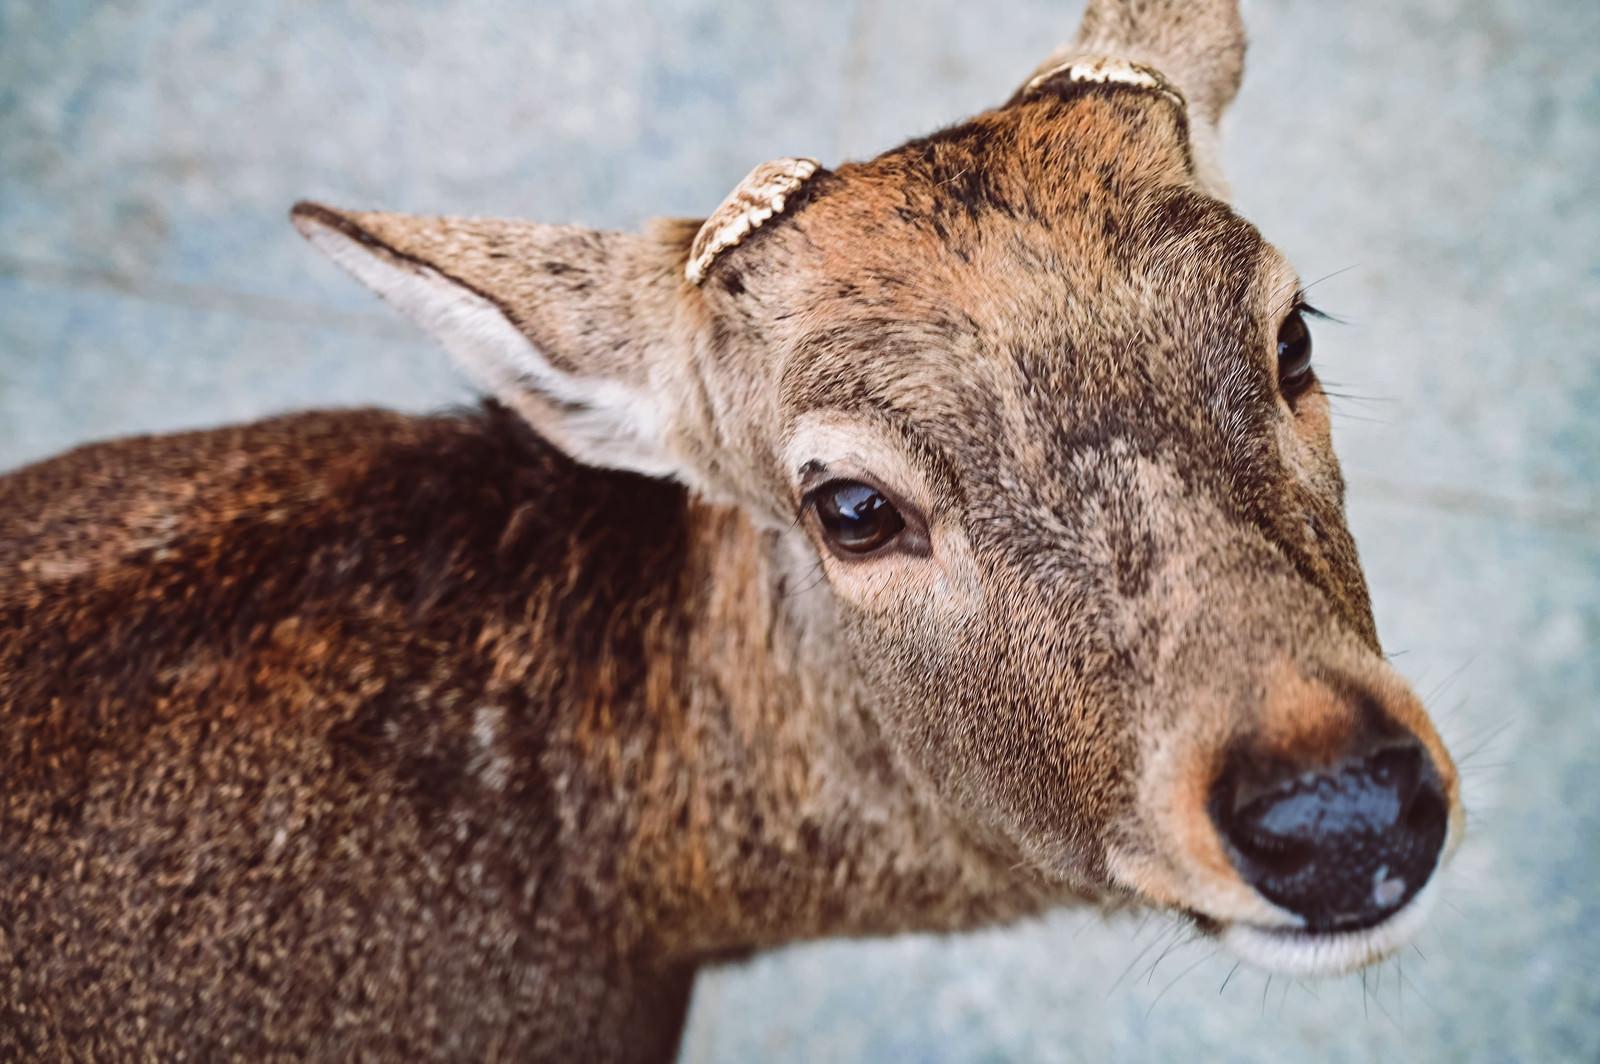 「両ツノがなくなった鹿が近づいてきた」の写真